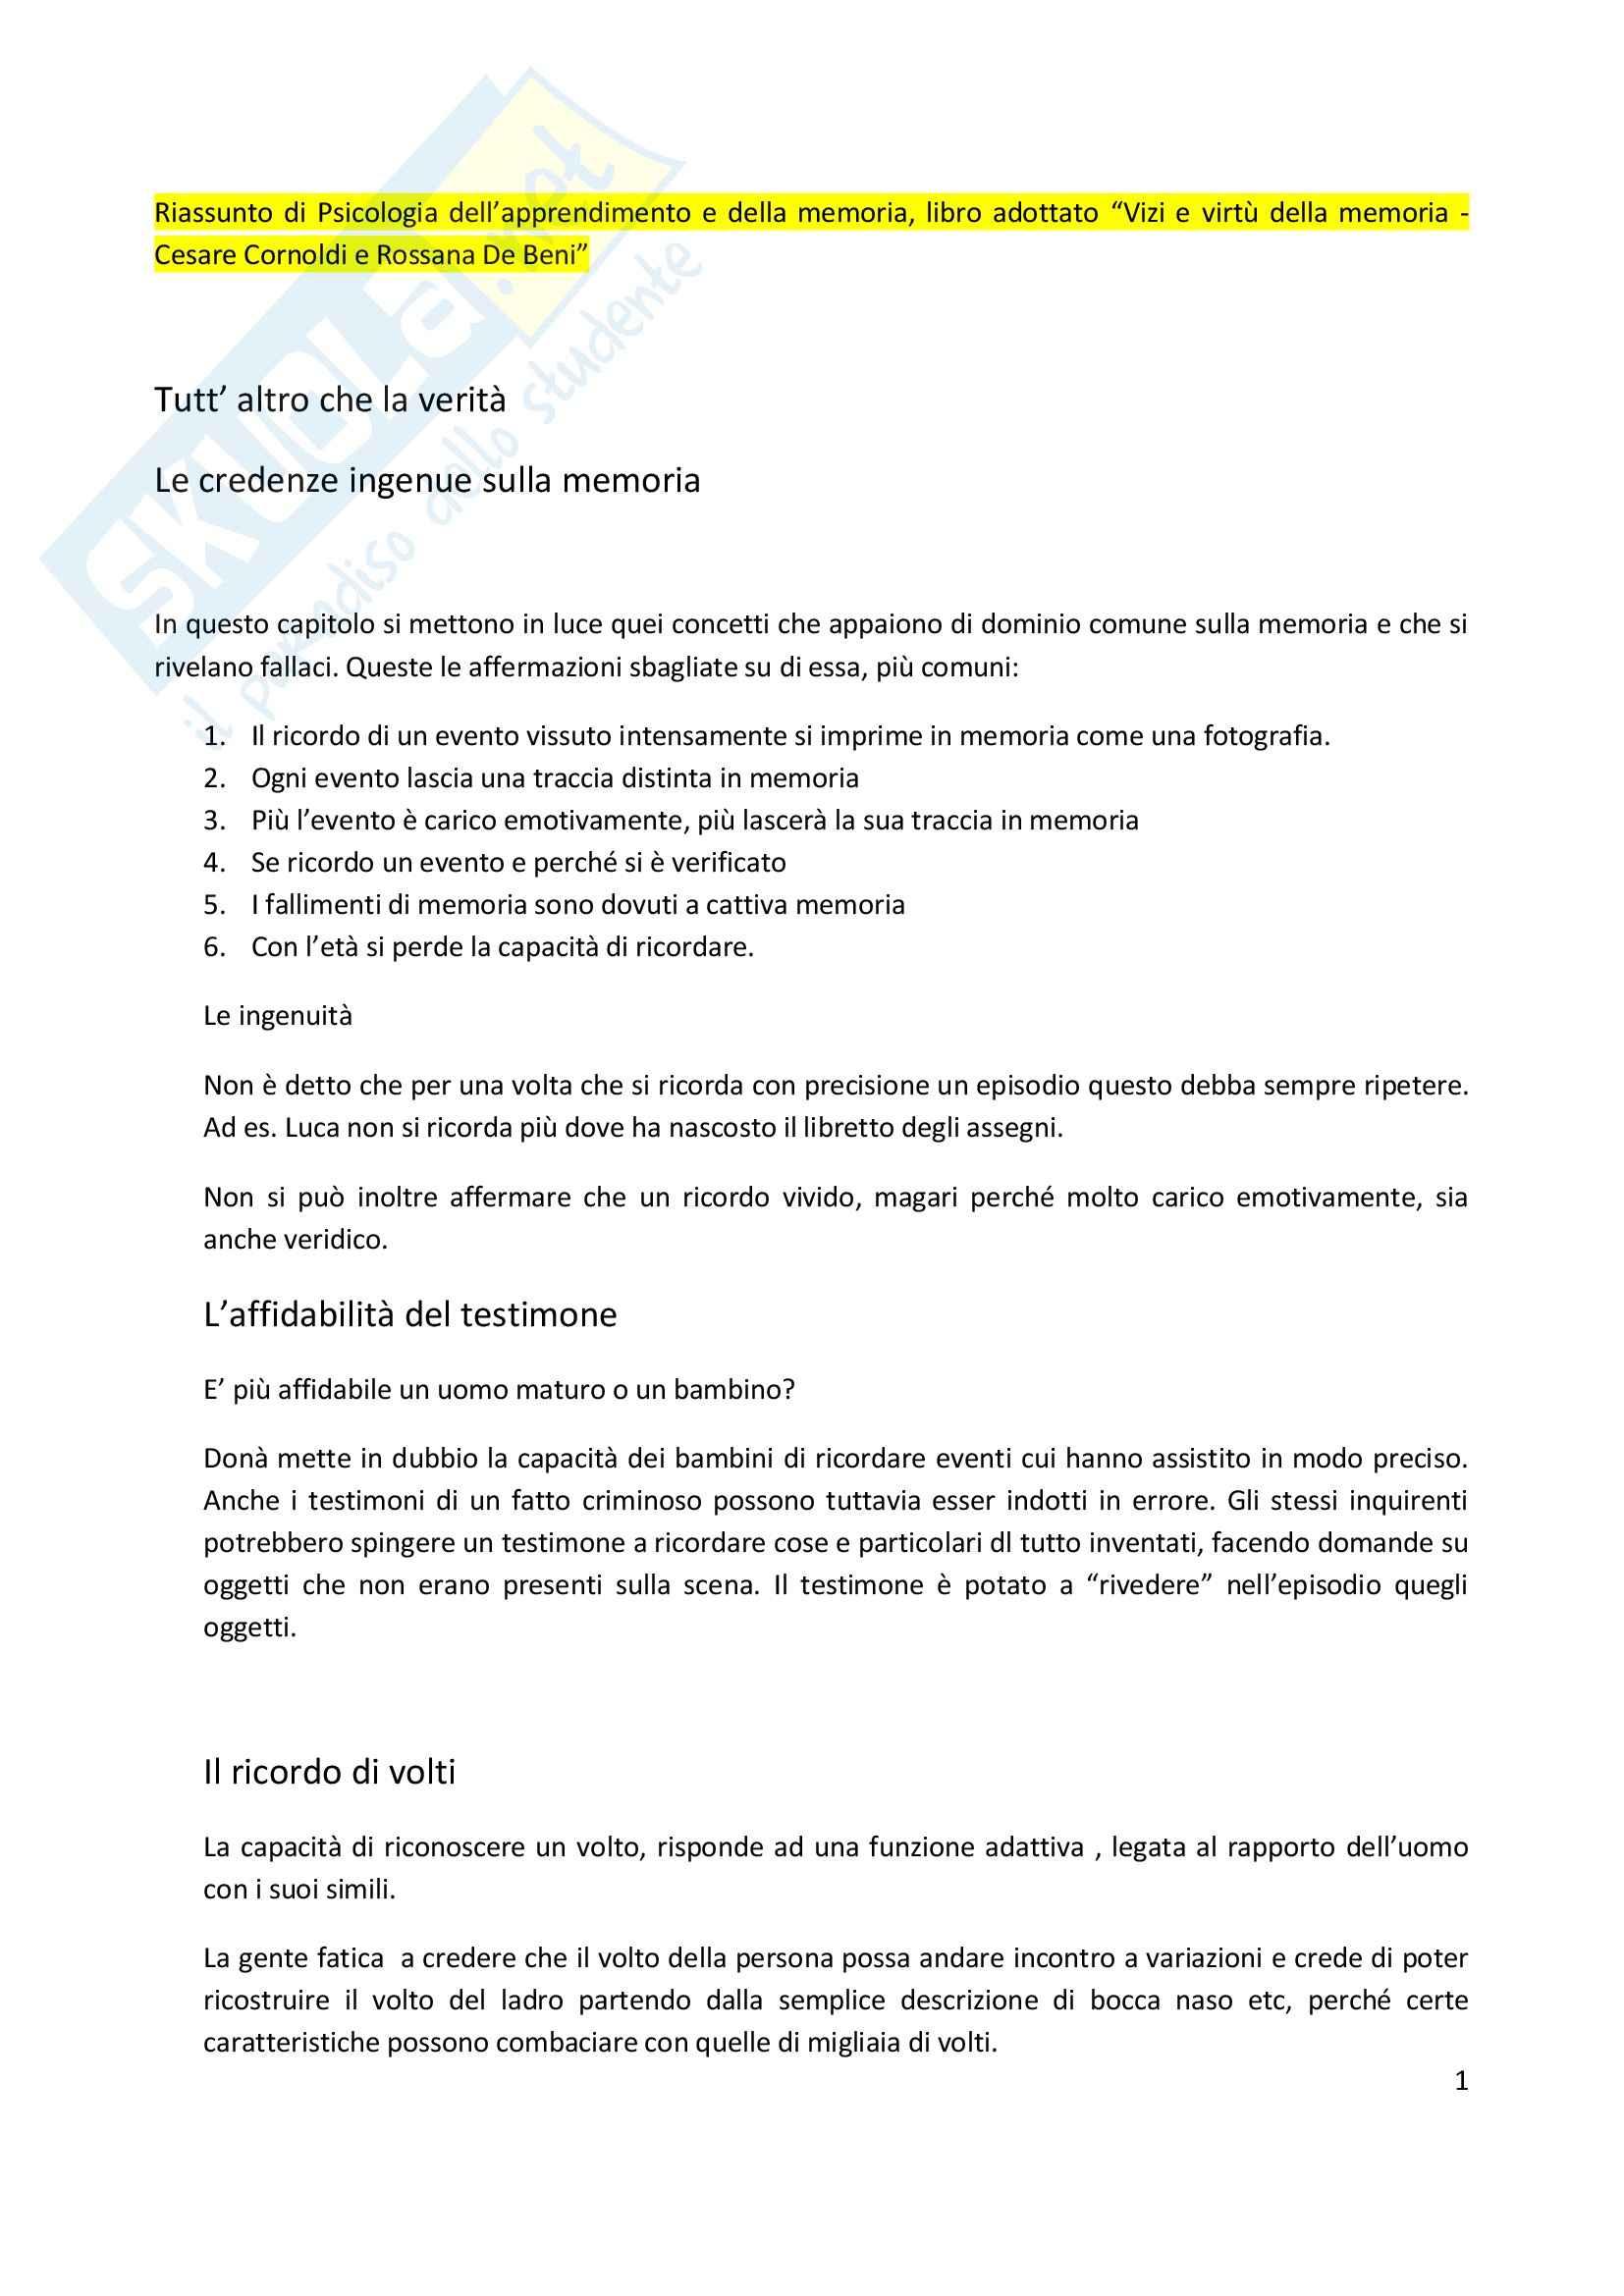 Riassunto esame Psicologia dell'apprendimento e della memoria, prof. Pazzaglia, libro consigliato Vizi e virtù della memoria, Cornoldi, De Beni